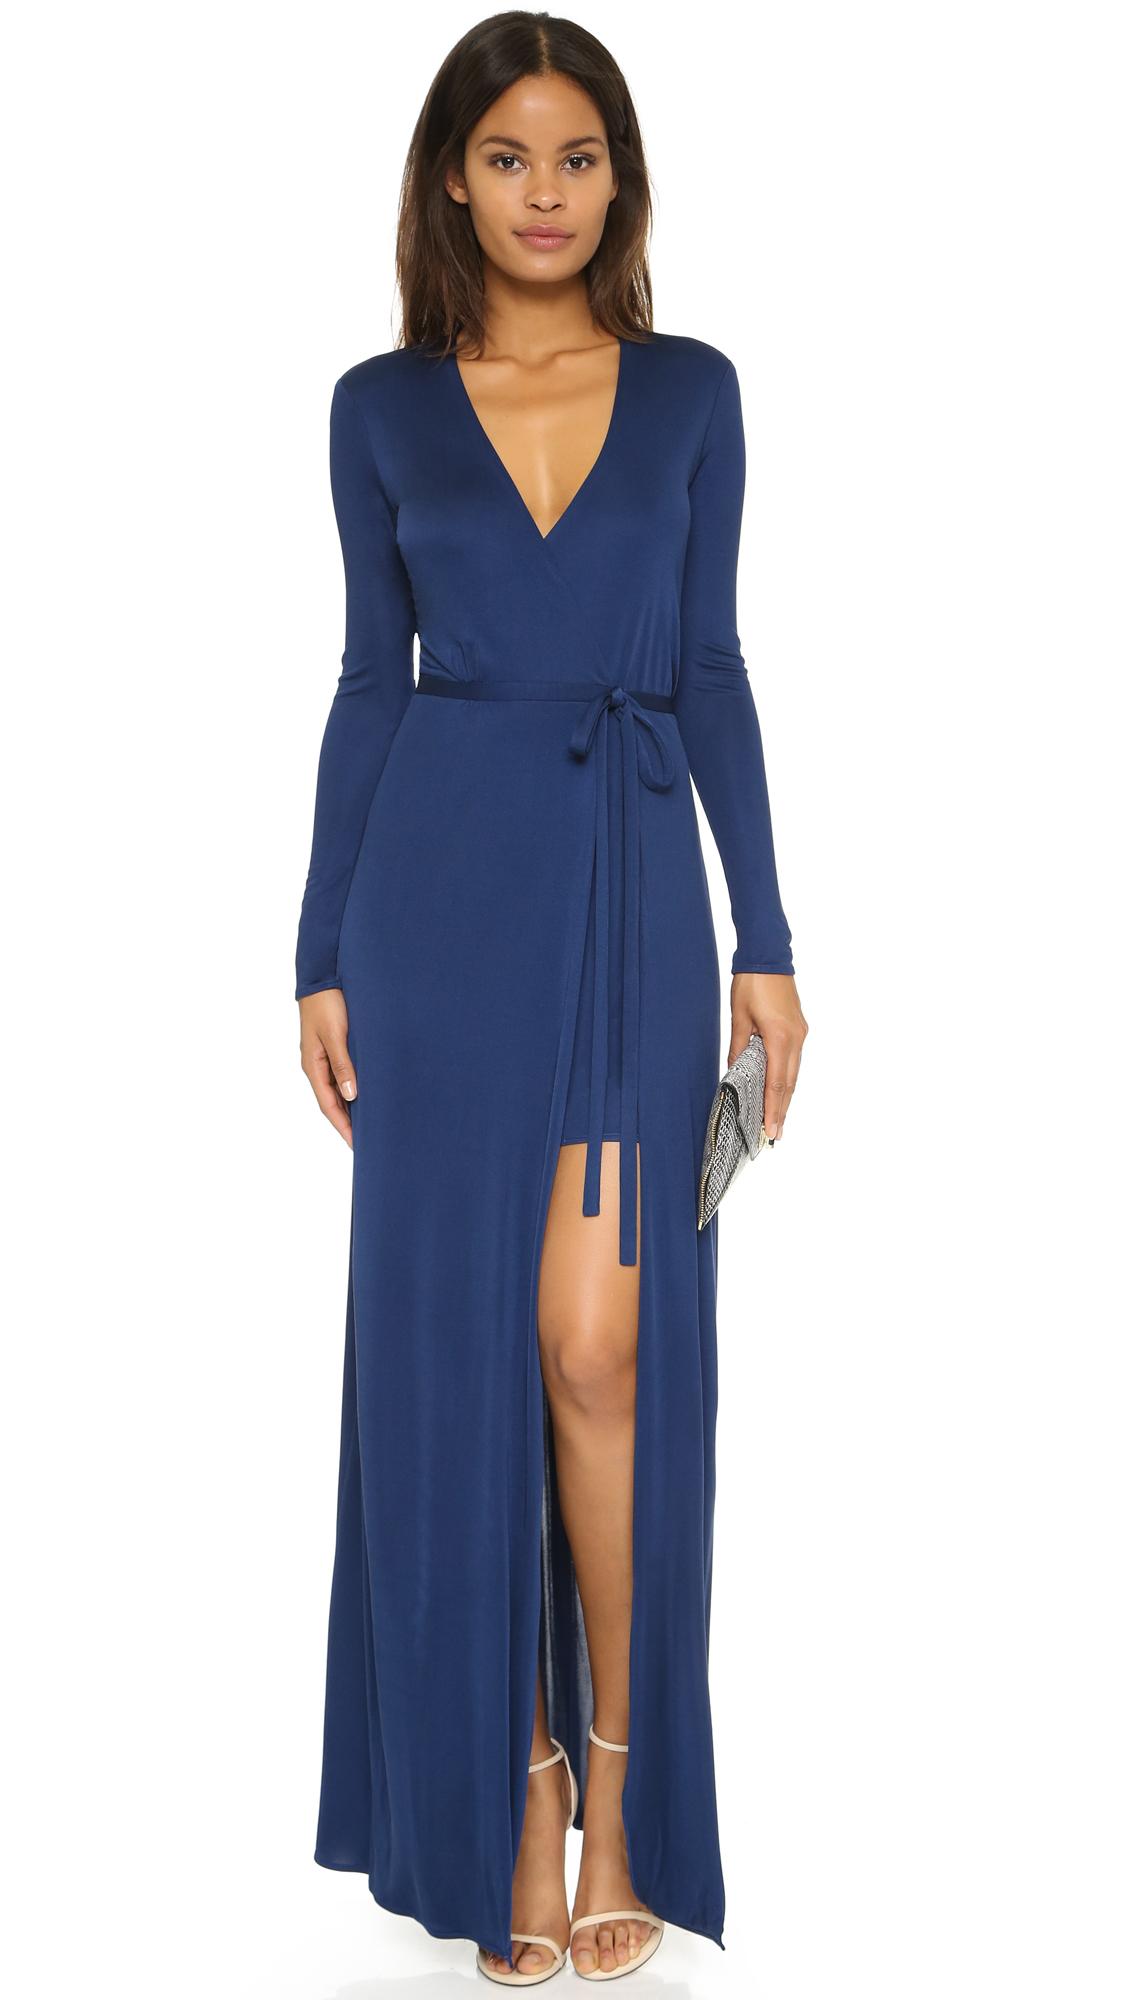 Issa Antonia Long Dress - Blue Topaz in Blue   Lyst